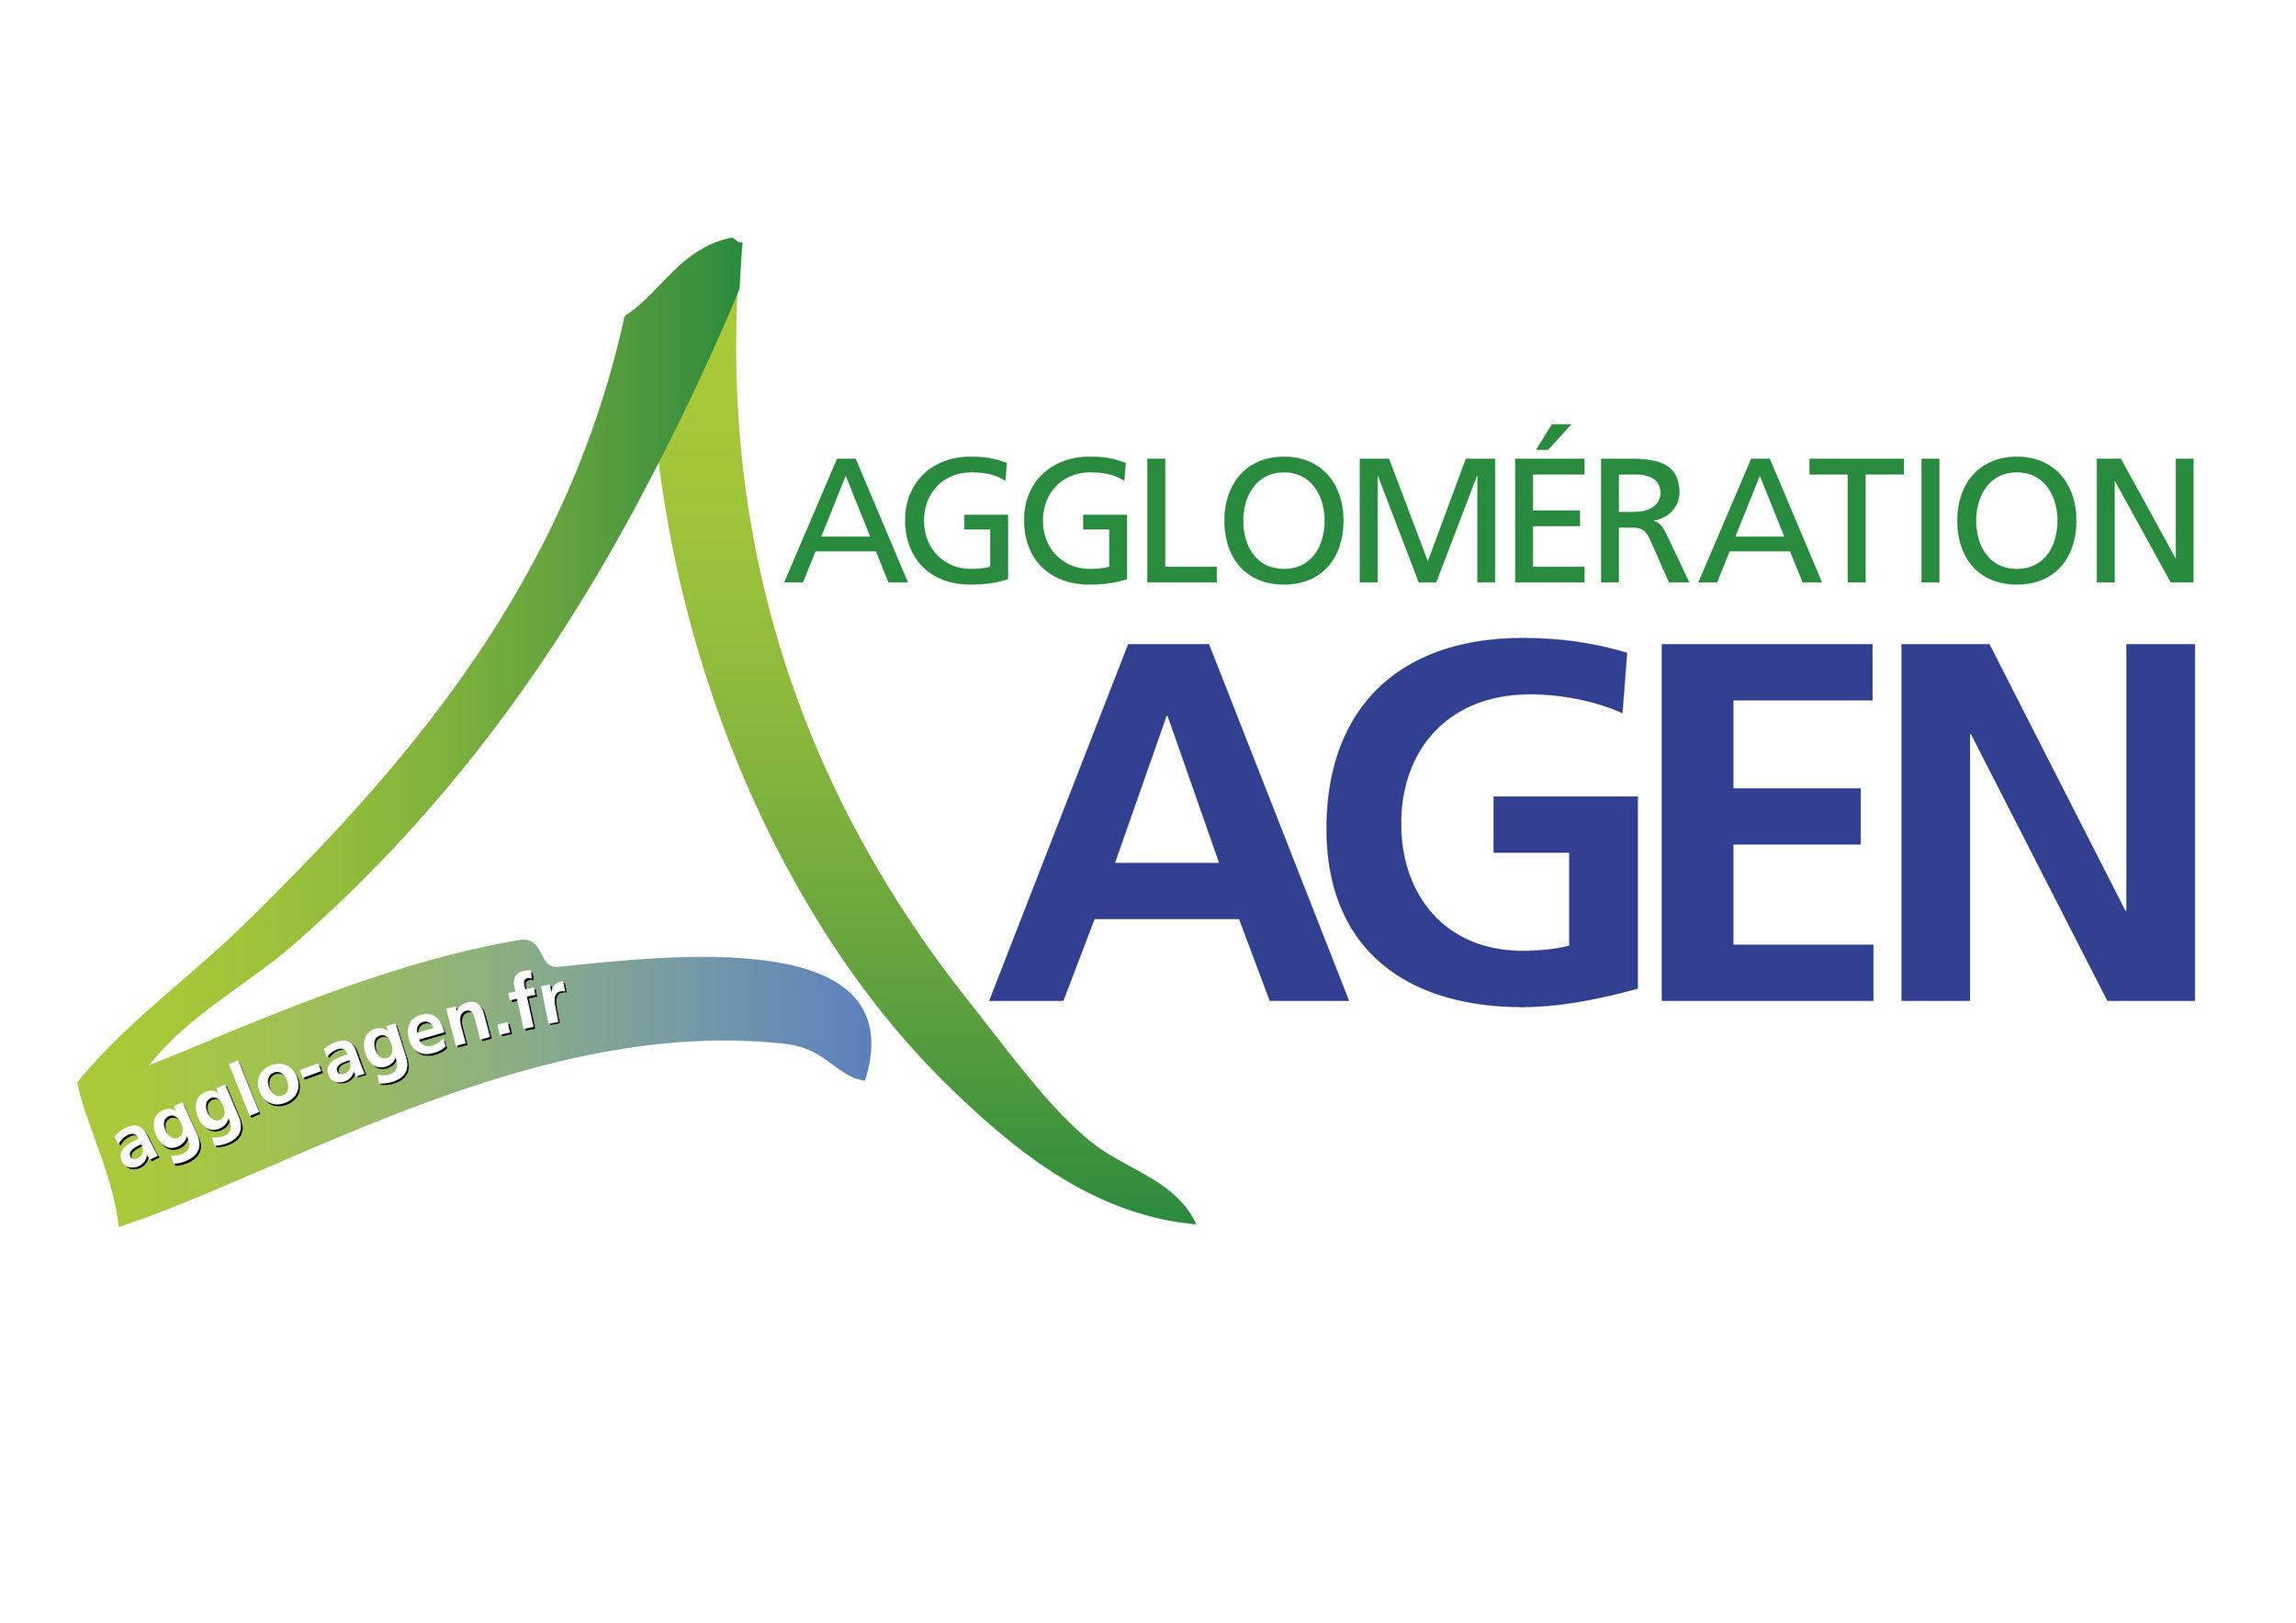 L'AGGLOMERATION D'AGEN ET LA VILLE D'AGEN ACCOMPAGNENT LA TRANSITION ECOLOGIQUE DE LEUR TERRITOIRE    http://www.agglo-agen.net/